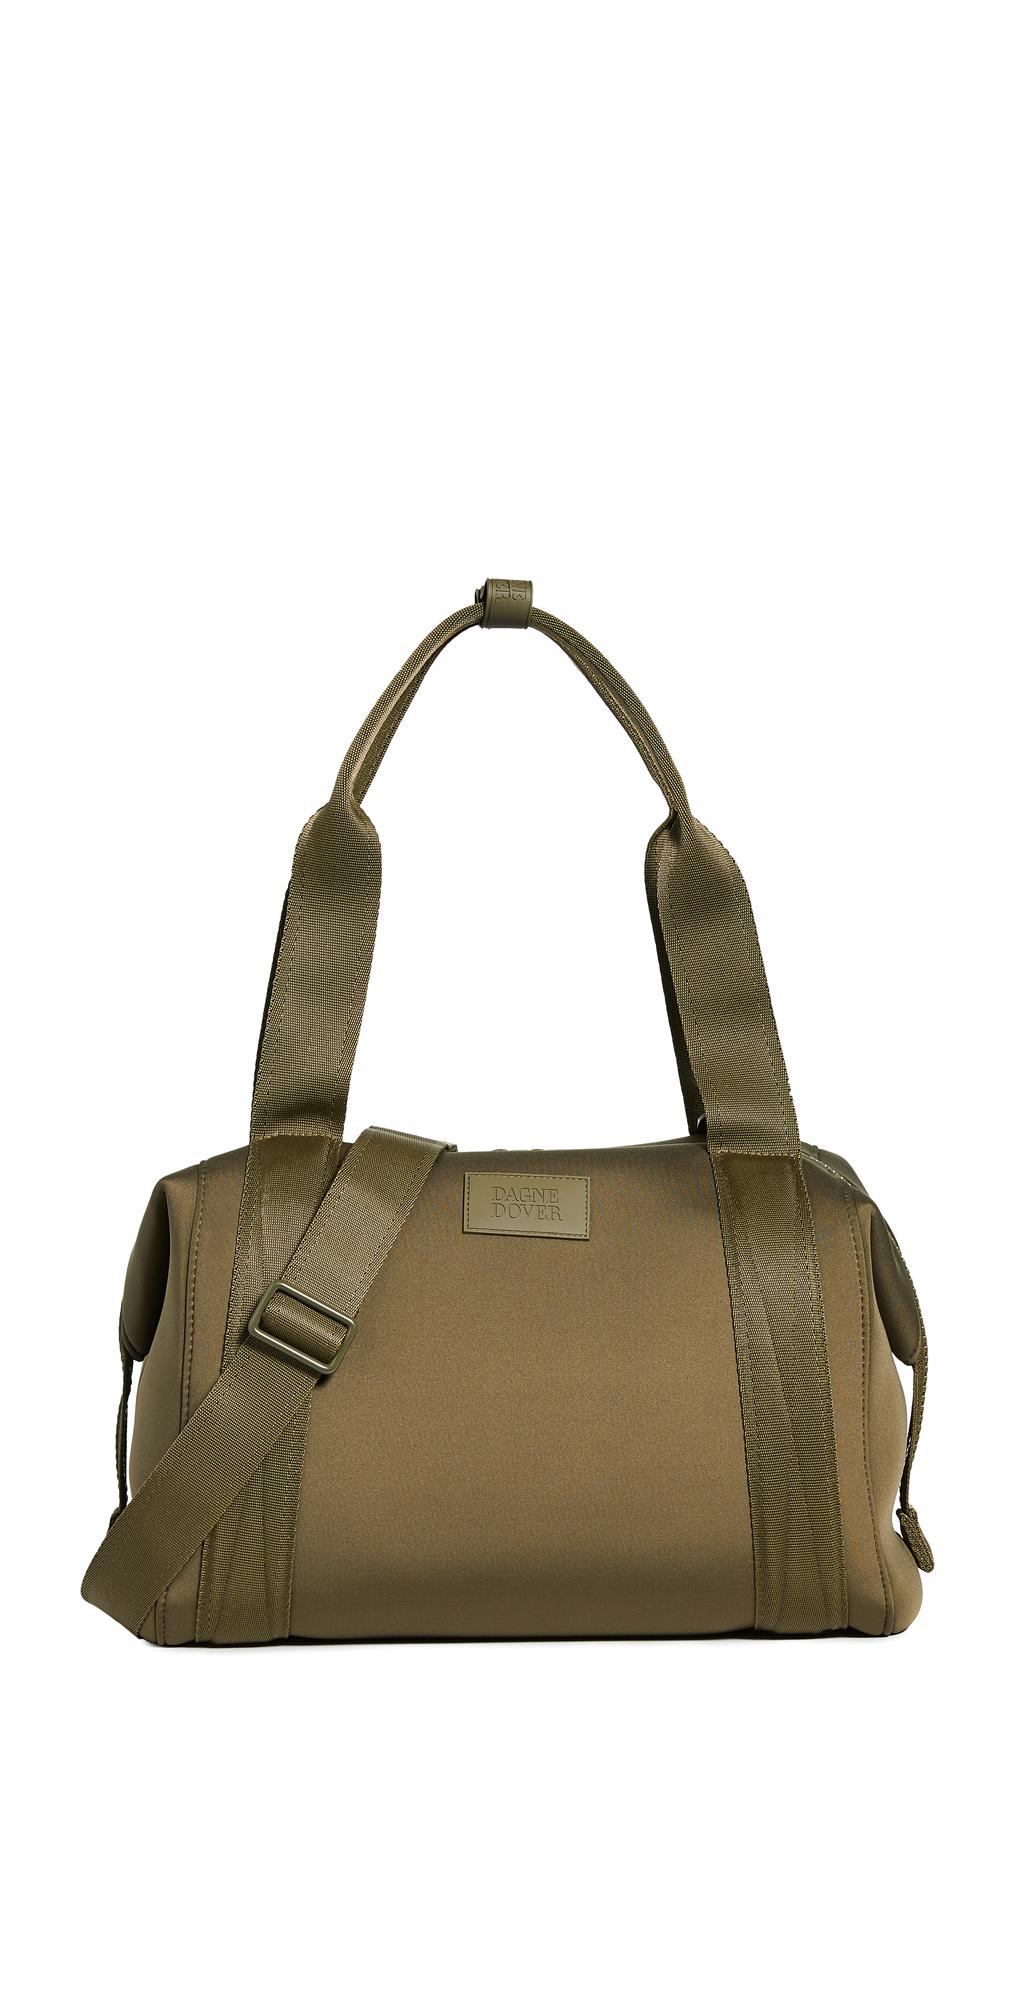 Landon Medium Carryall Duffel Bag